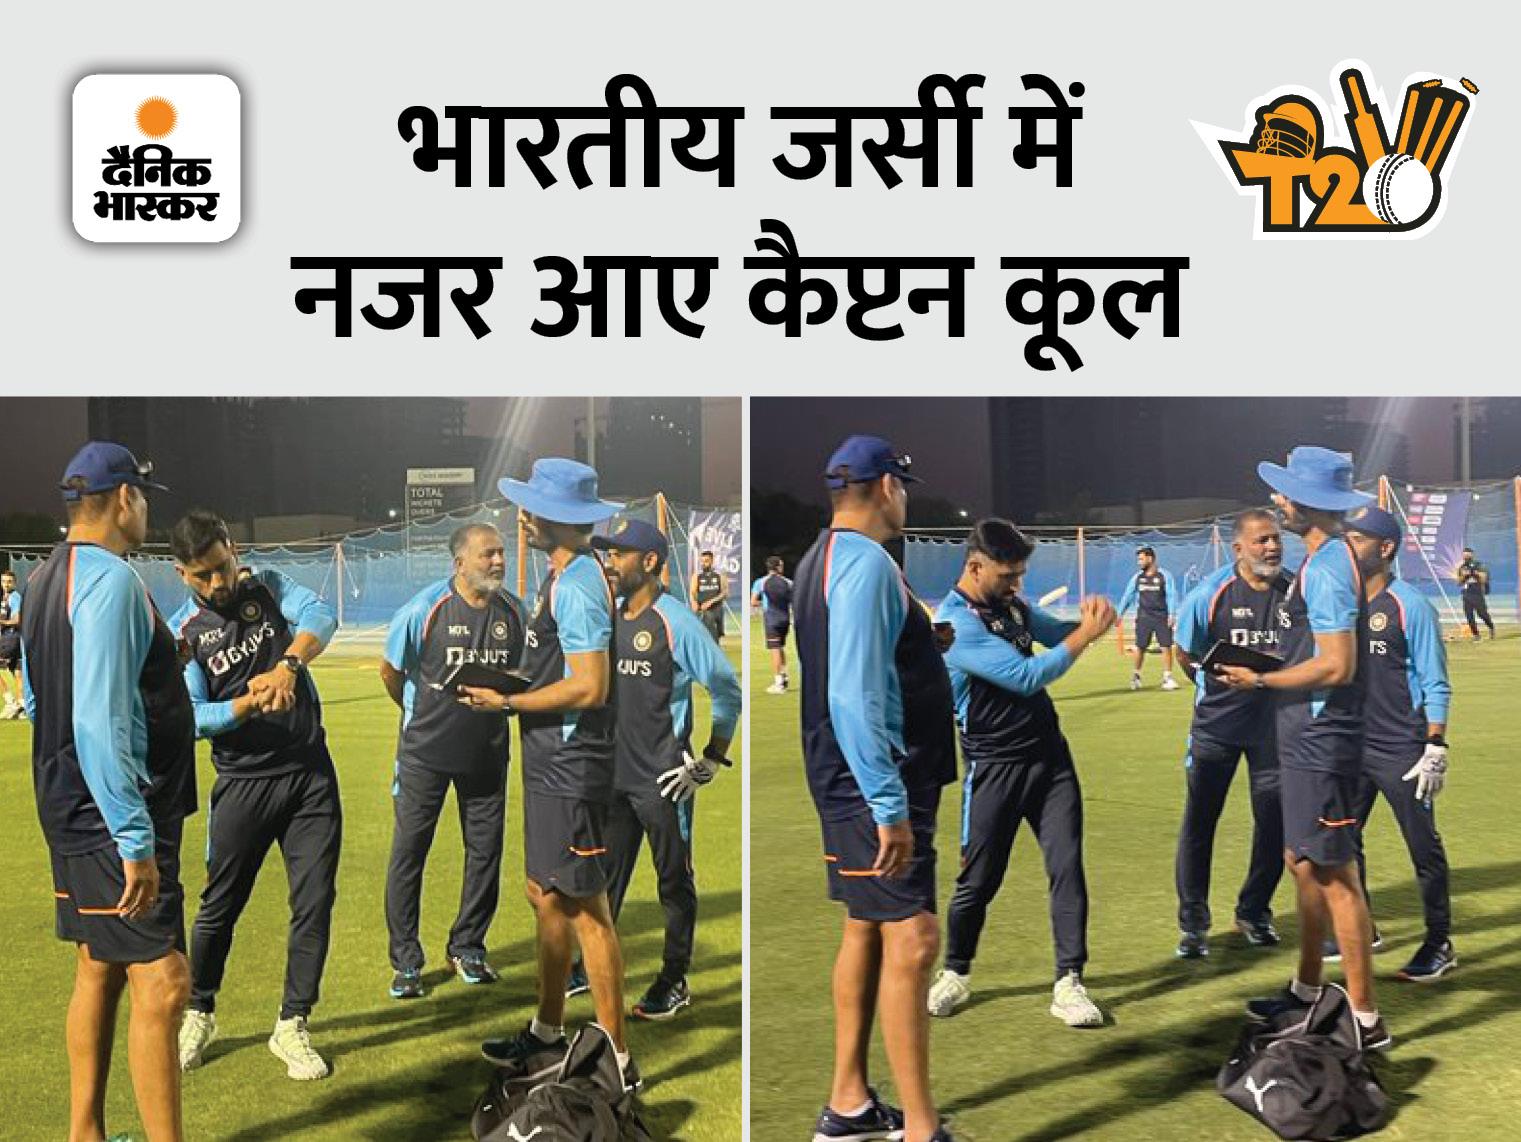 2 साल बाद मेंटर के रूप में भारतीय टीम से जुड़े माही, प्रैक्टिस सेशन में दिए टिप्स|स्पोर्ट्स,Sports - Dainik Bhaskar